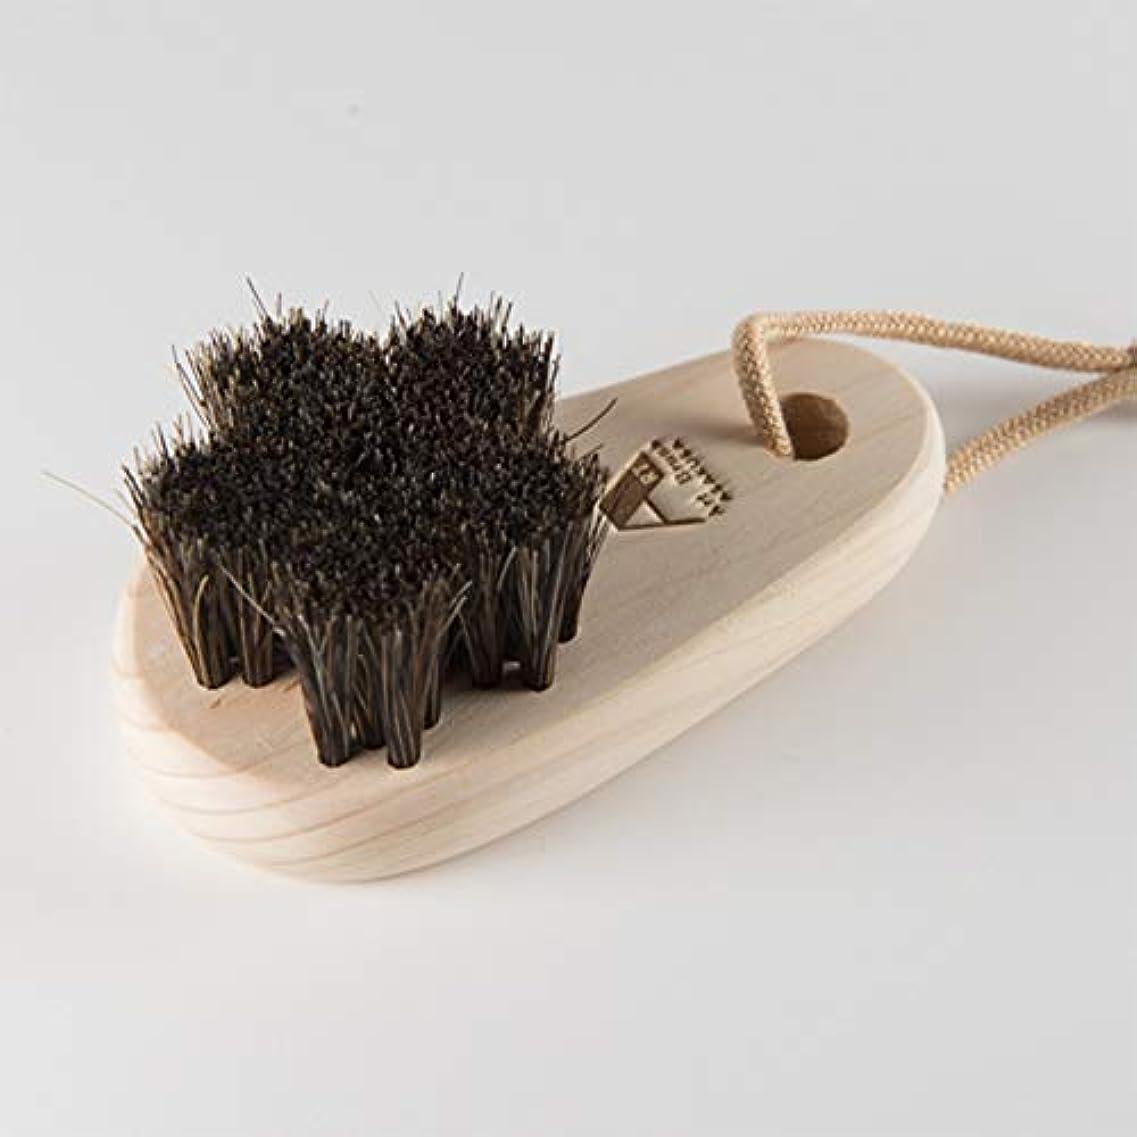 暖炉寄付あざ浅草アートブラシ 馬毛のフットブラシ「さくら」